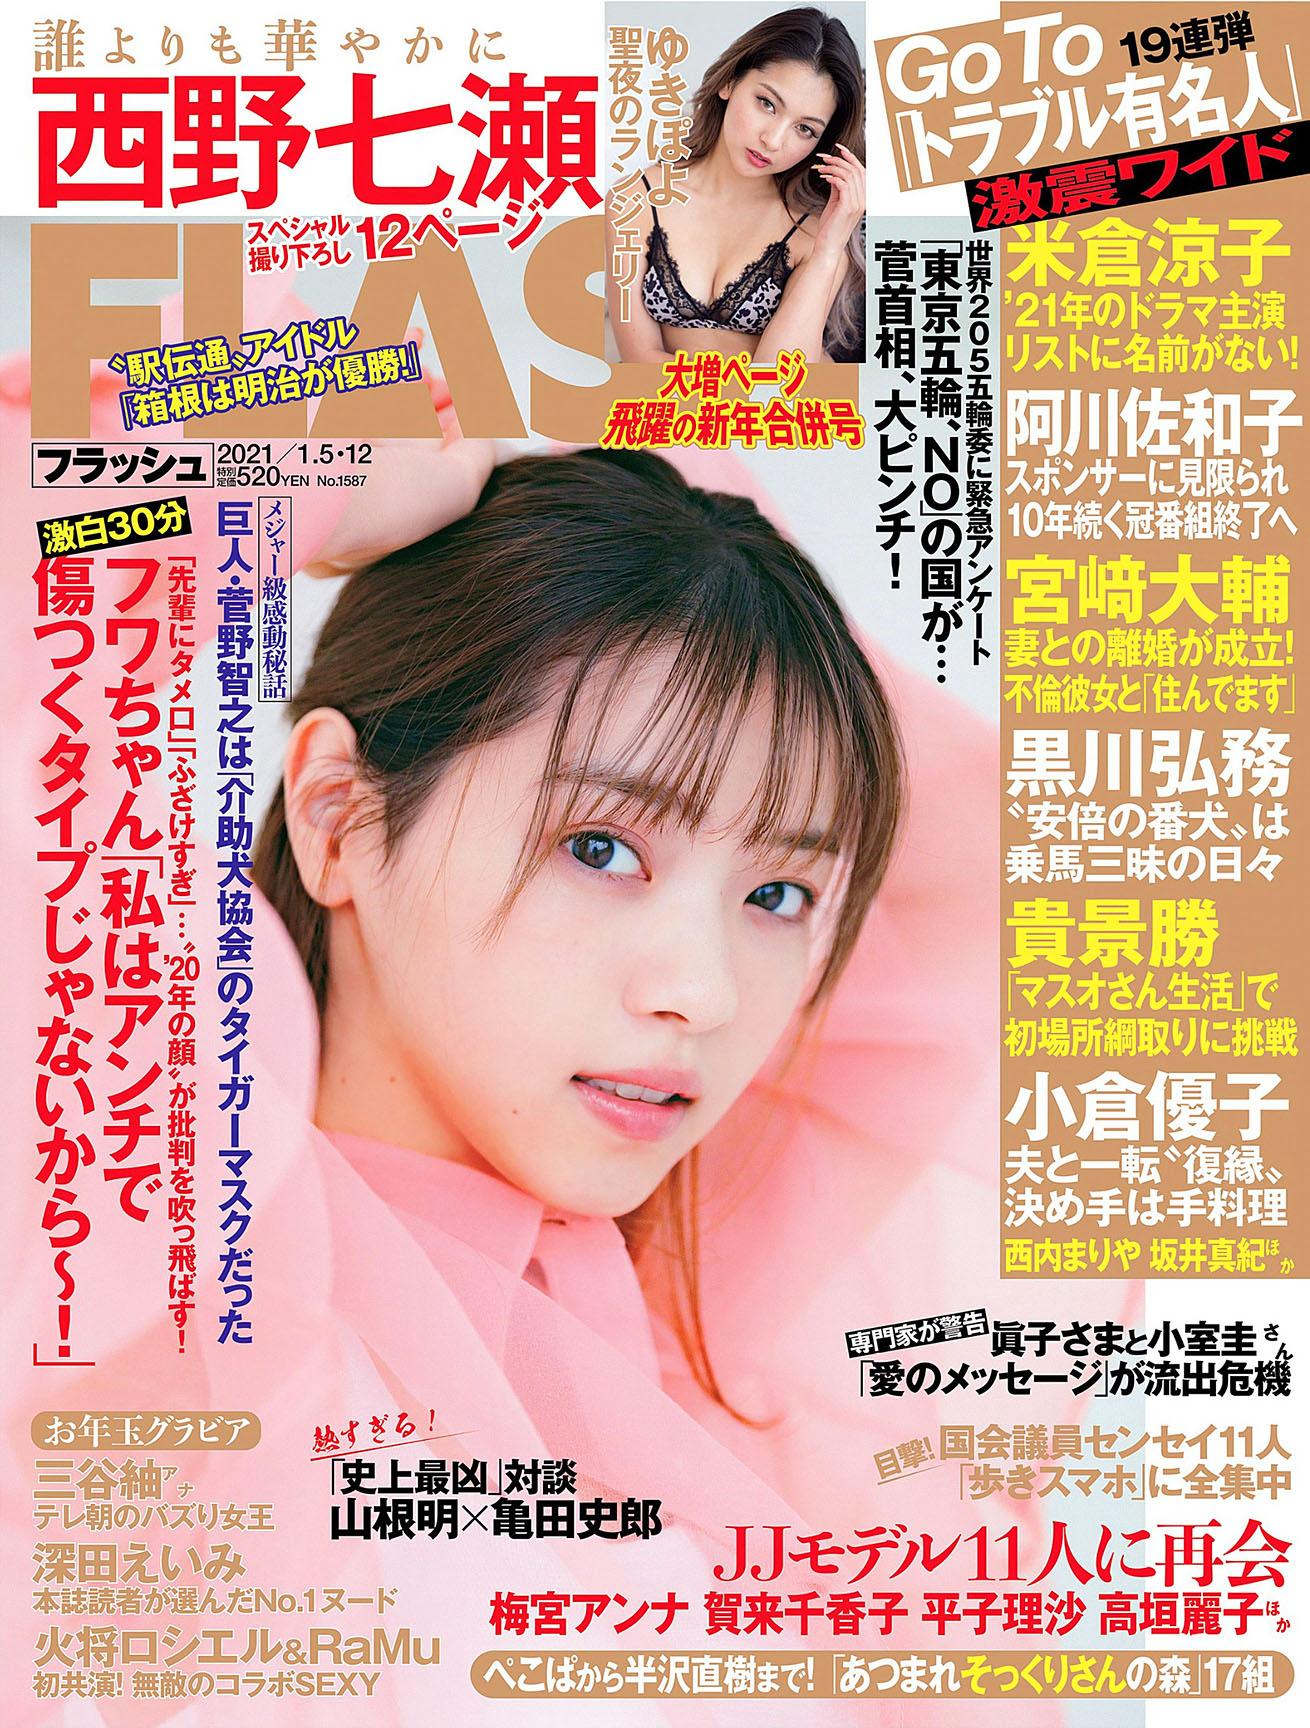 NNishino Flash 210105 01.jpg